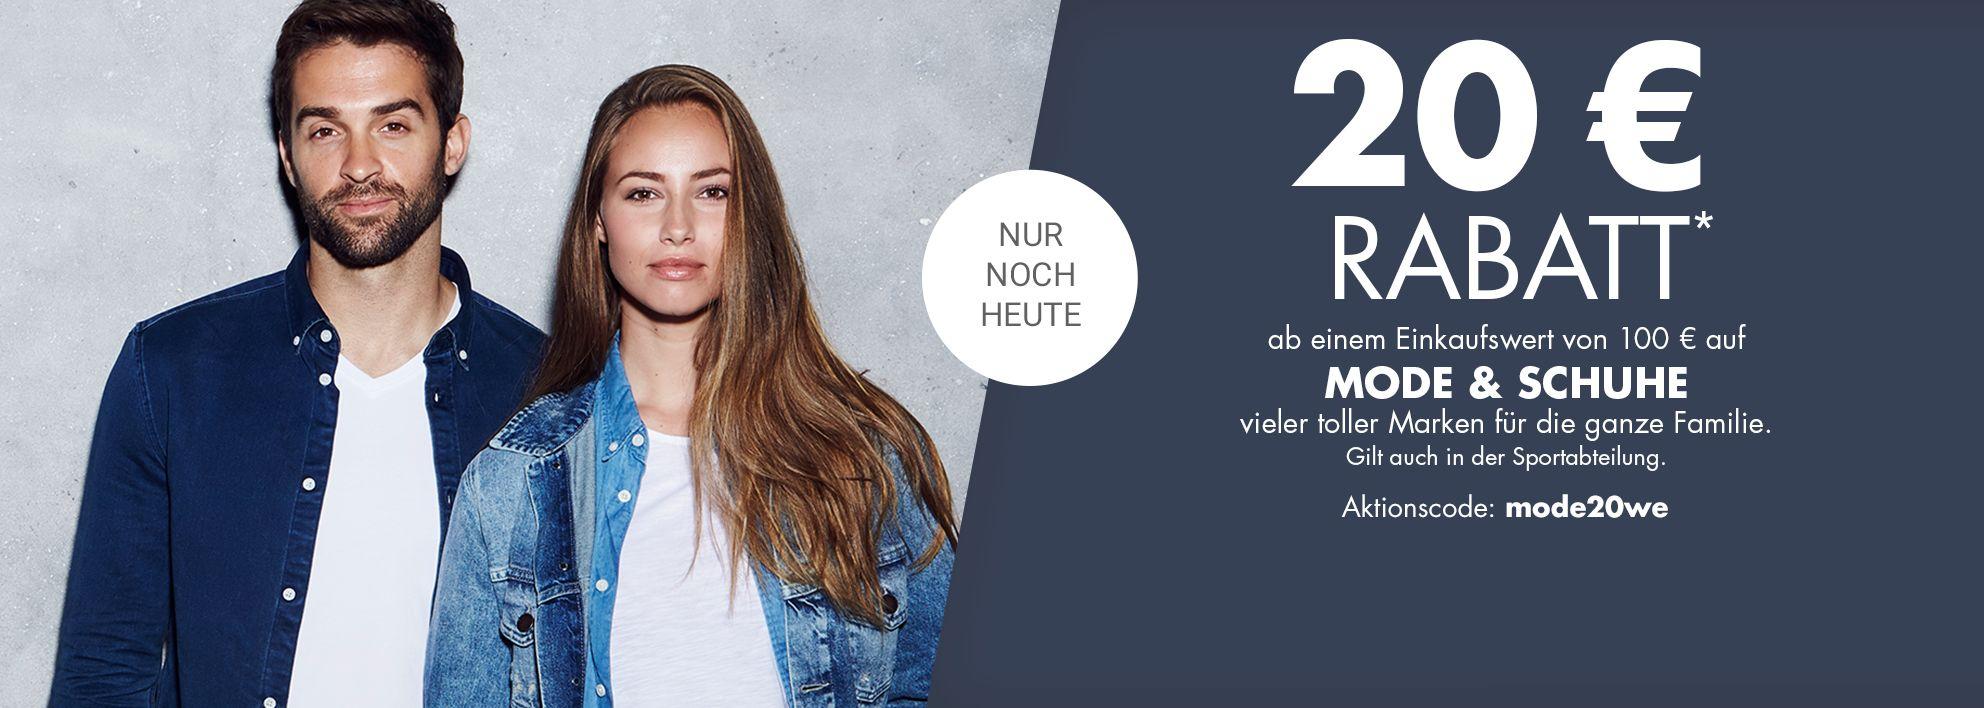 Bild zu Galeria Kaufhof Sonntags-Angebot: 20€ Rabatt auf einen Einkauf bei Mode und Schuhe (inkl. Wäsche) ab einem Einkaufswert von 100€